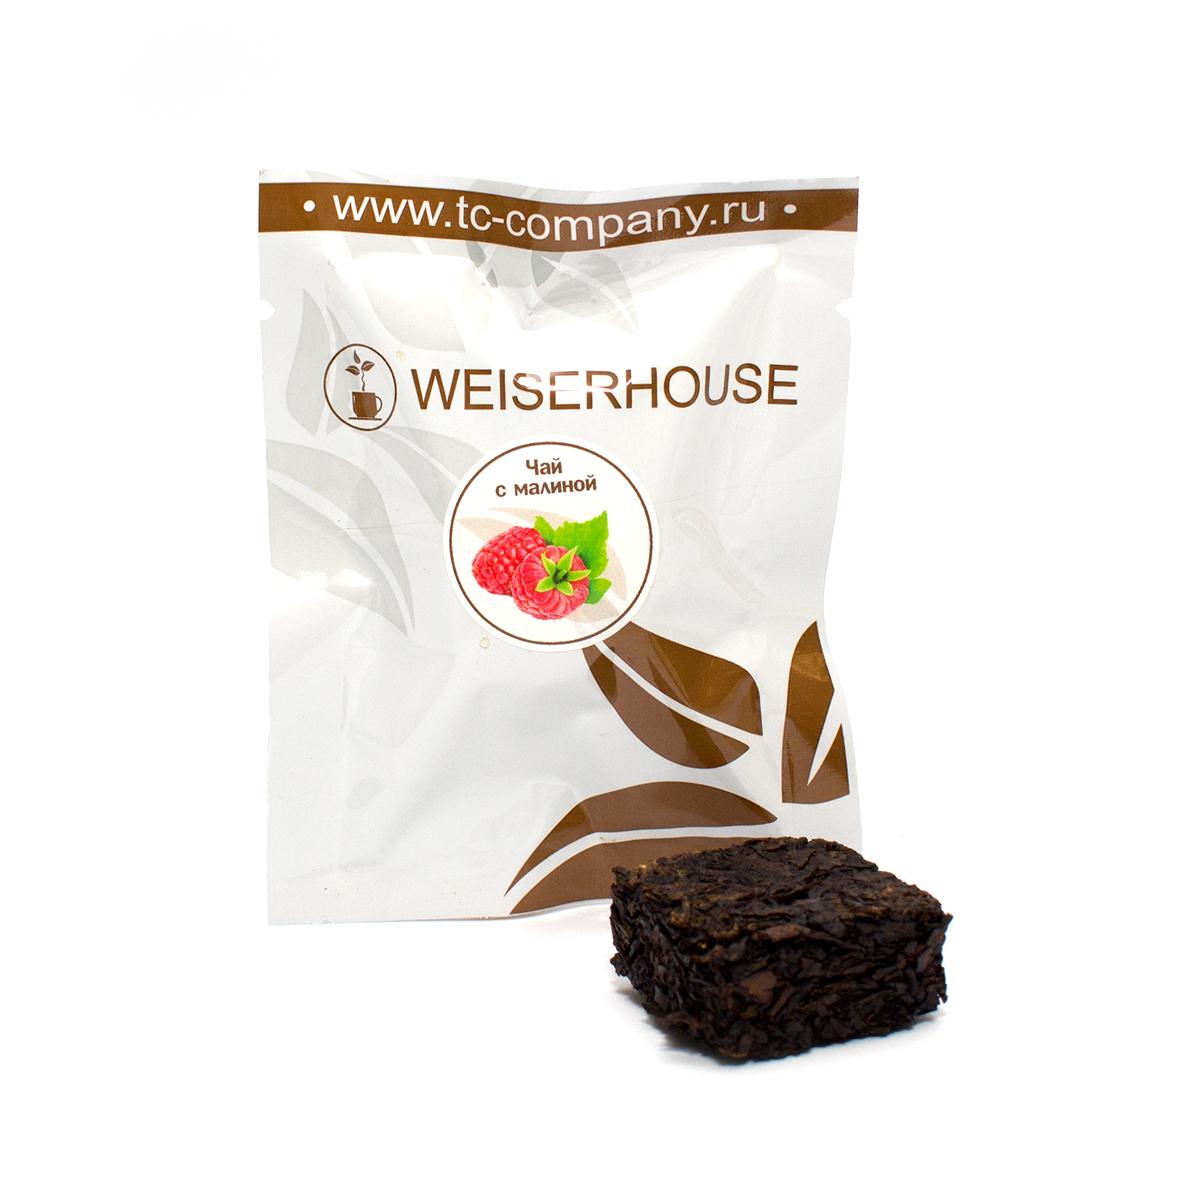 Чай черный с малиной прессованный в кубиках (5-7 гр.) в инд. упак. все цены